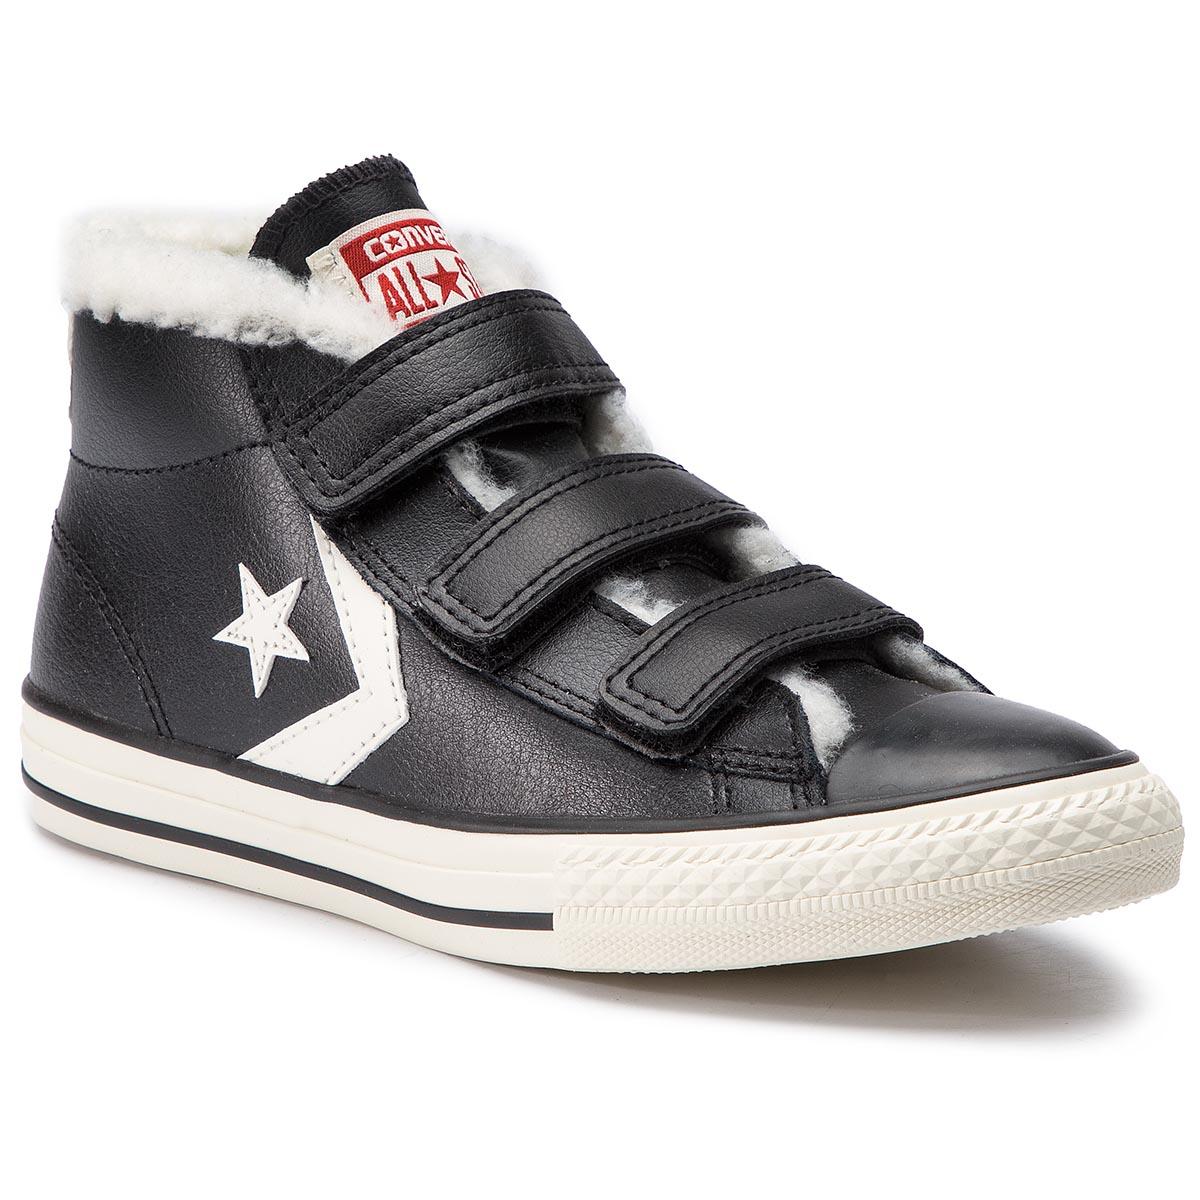 Converse Star Ox Whitenavywhite Sneakers Player 159740c 80wPXnkO